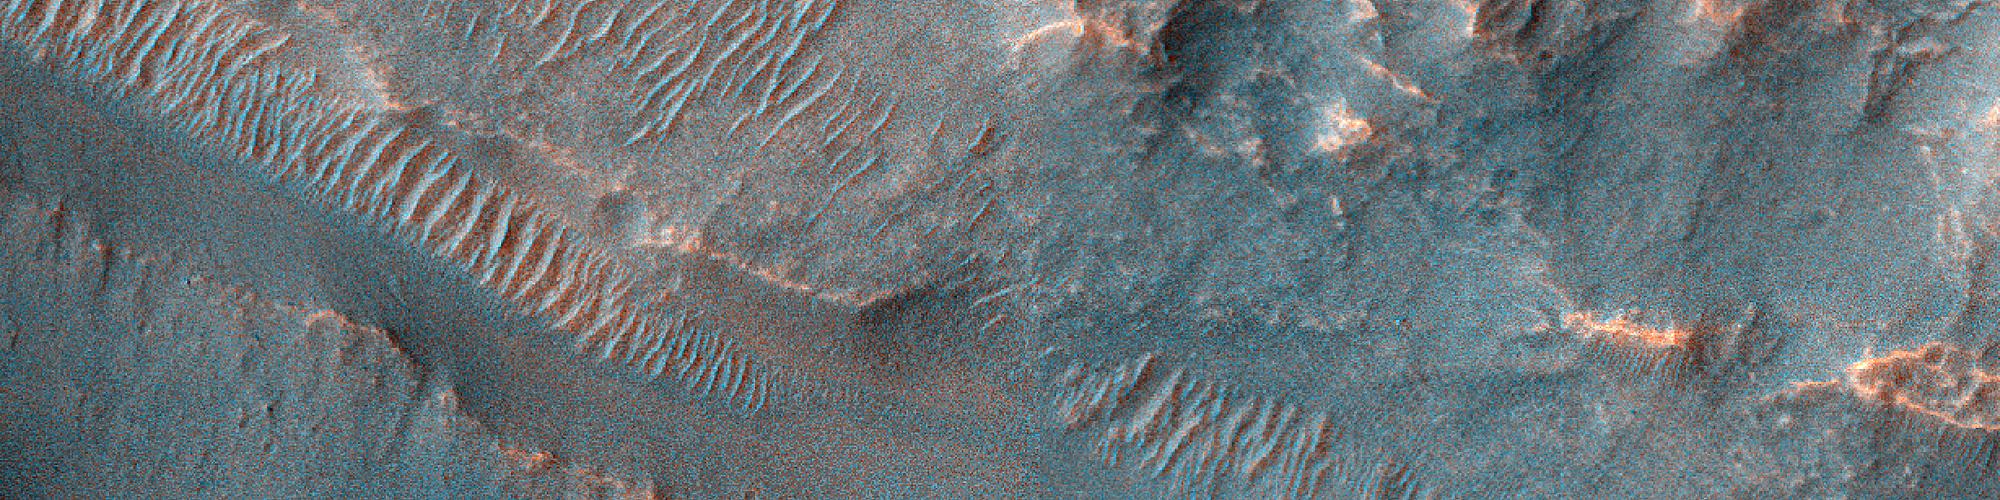 قنوات بالقرب من فوهة شمال شرق منخفضات « هيلاس »